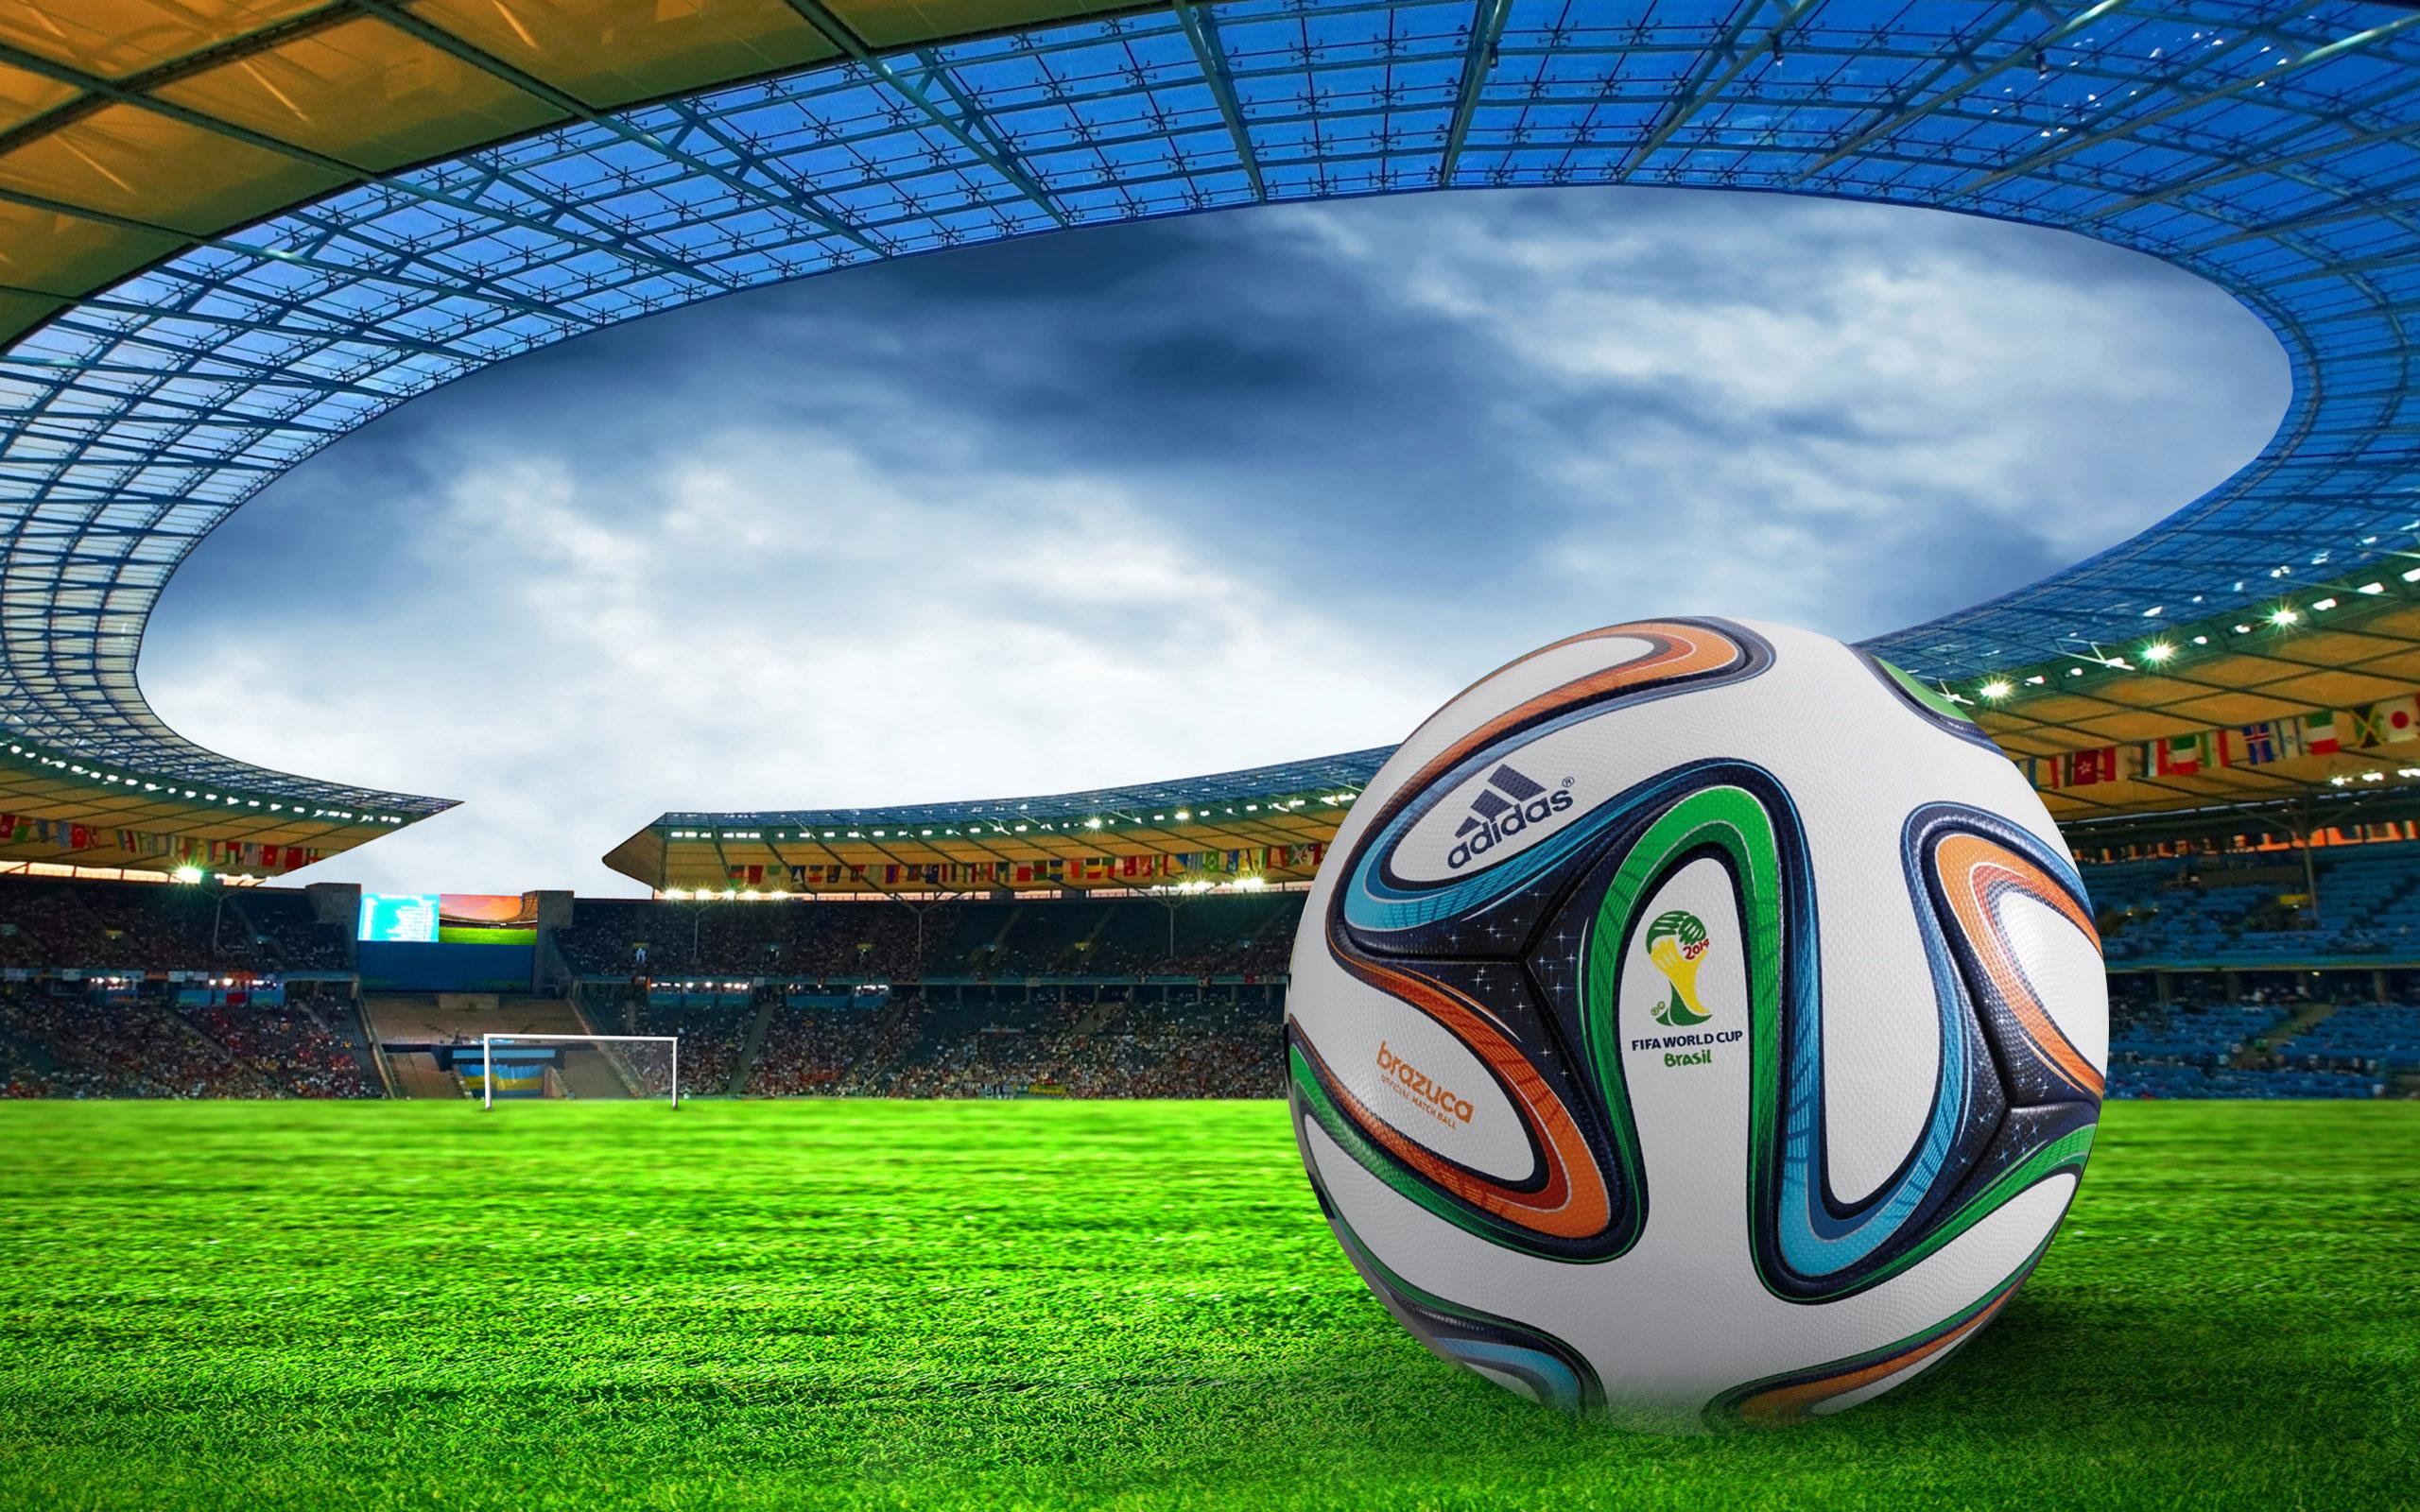 Fifa World Cup Brazil 2014 Football Wallpaper Desktop Backgrounds 2560x1600